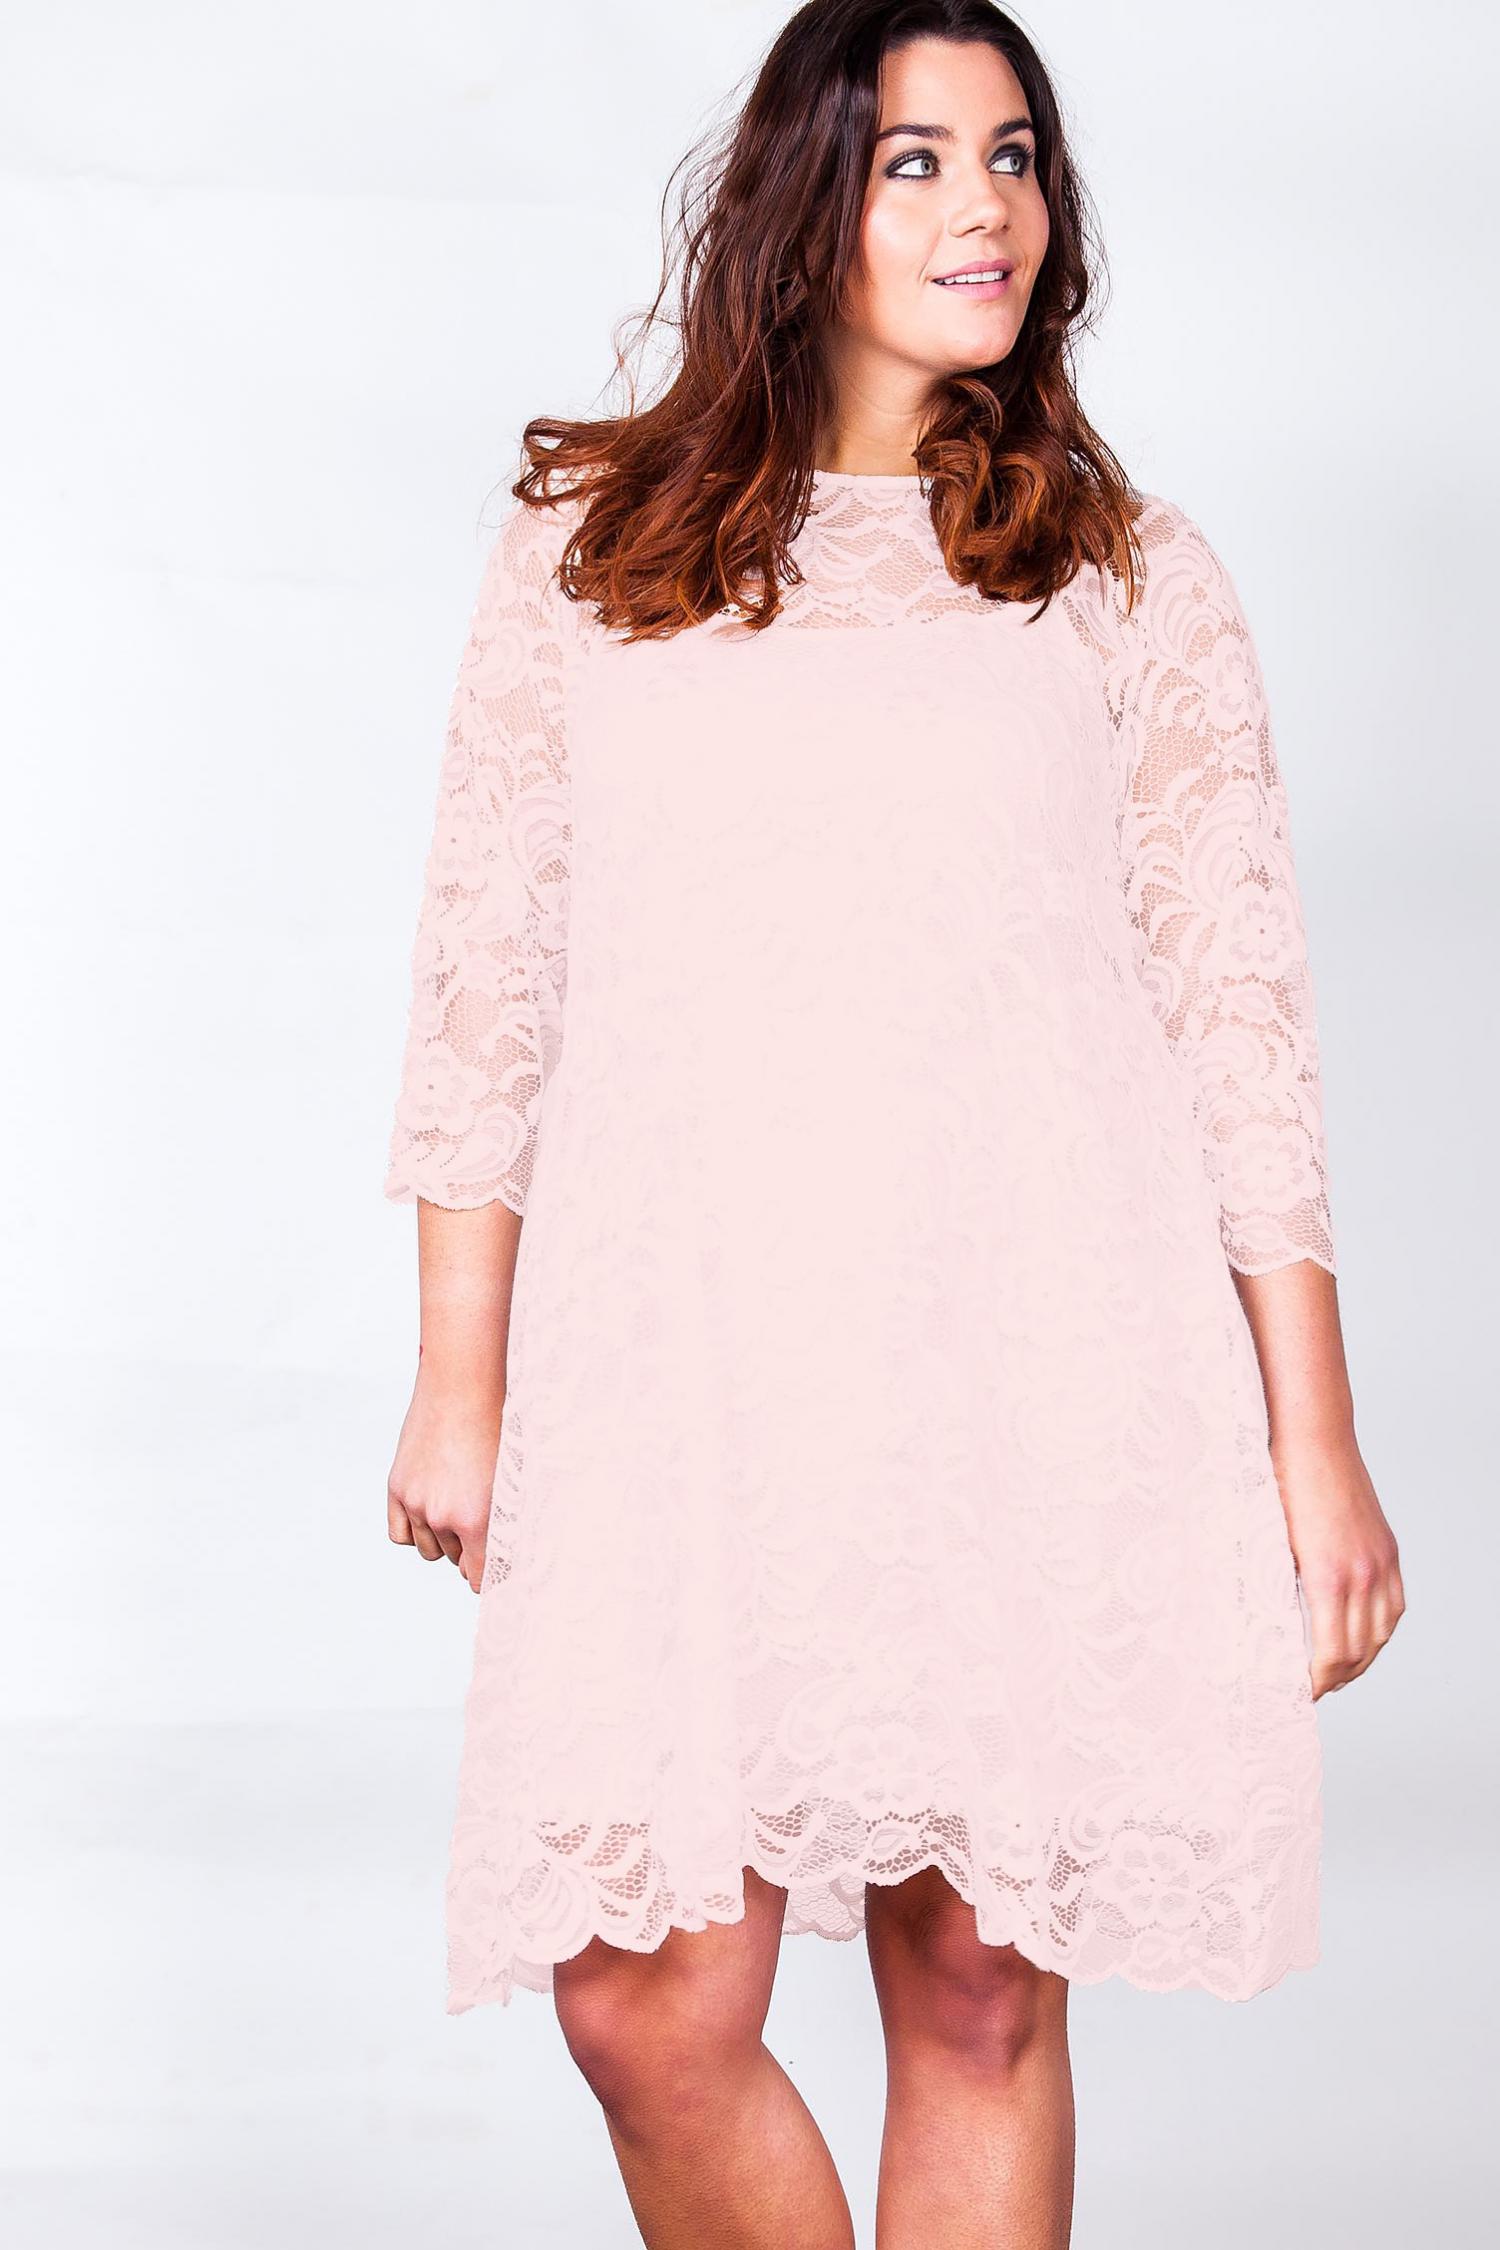 Super sød plus size blondekjole i flot nude/pink farve | Køb plus size kjoler HER